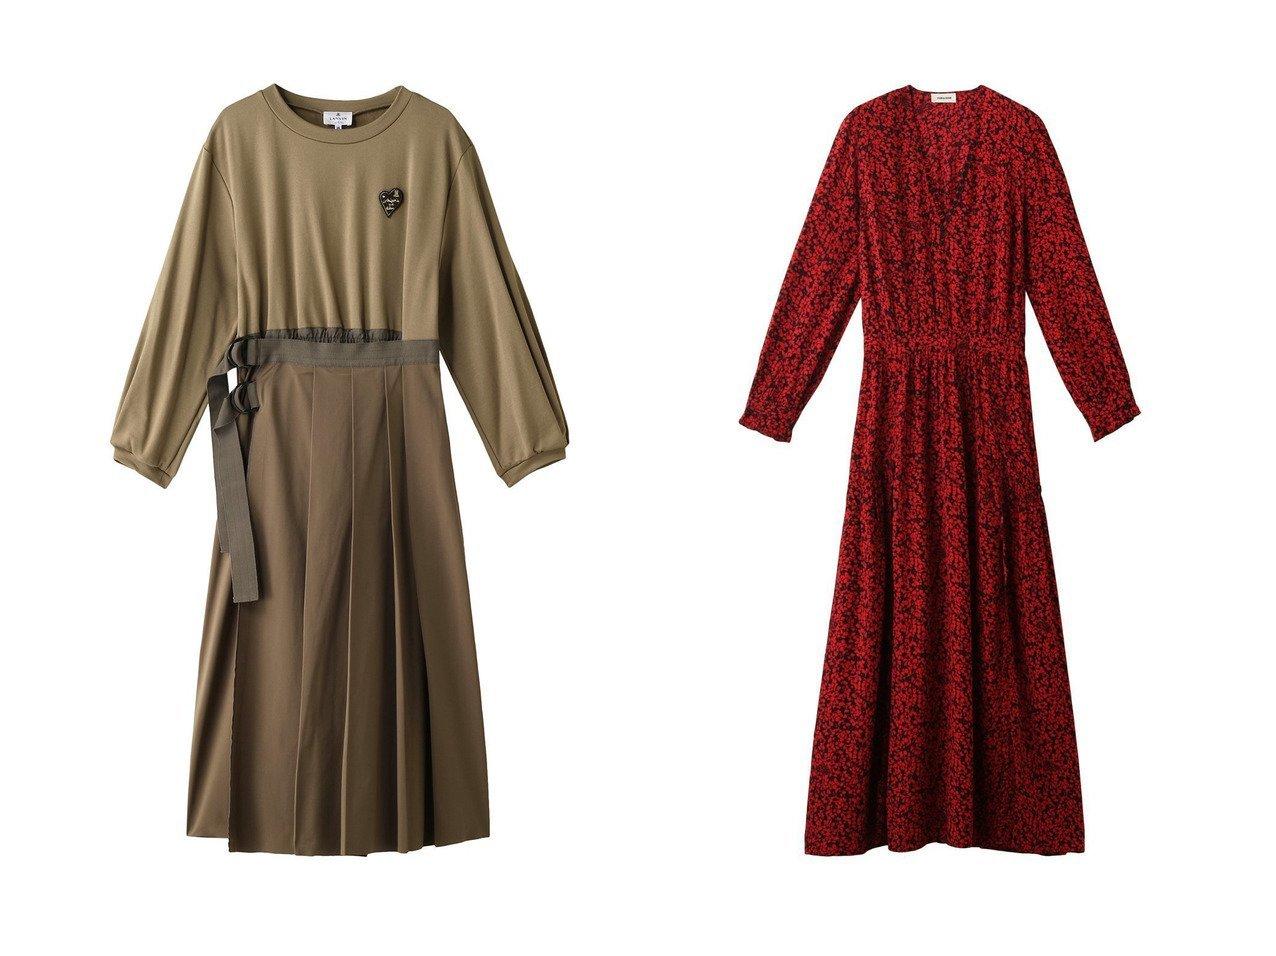 【LANVIN en Bleu/ランバン オン ブルー】のラッププリーツワンピース&【ZADIG & VOLTAIRE/ザディグ エ ヴォルテール】のRABELLA SMALL BICO FLOWERS DRESS ワンピース 【ワンピース・ドレス】おすすめ!人気、トレンド・レディースファッションの通販  おすすめで人気の流行・トレンド、ファッションの通販商品 インテリア・家具・メンズファッション・キッズファッション・レディースファッション・服の通販 founy(ファニー) https://founy.com/ ファッション Fashion レディースファッション WOMEN ワンピース Dress チュニック Tunic ドレス Party Dresses おすすめ Recommend カットソー チュニック ドッキング プリーツ ラップ ワーク 2020年 2020 2020-2021秋冬・A/W AW・Autumn/Winter・FW・Fall-Winter/2020-2021 2021年 2021 2021-2022秋冬・A/W AW・Autumn/Winter・FW・Fall-Winter・2021-2022 A/W・秋冬 AW・Autumn/Winter・FW・Fall-Winter なめらか スリット パーティ フラワー  ID:crp329100000062960